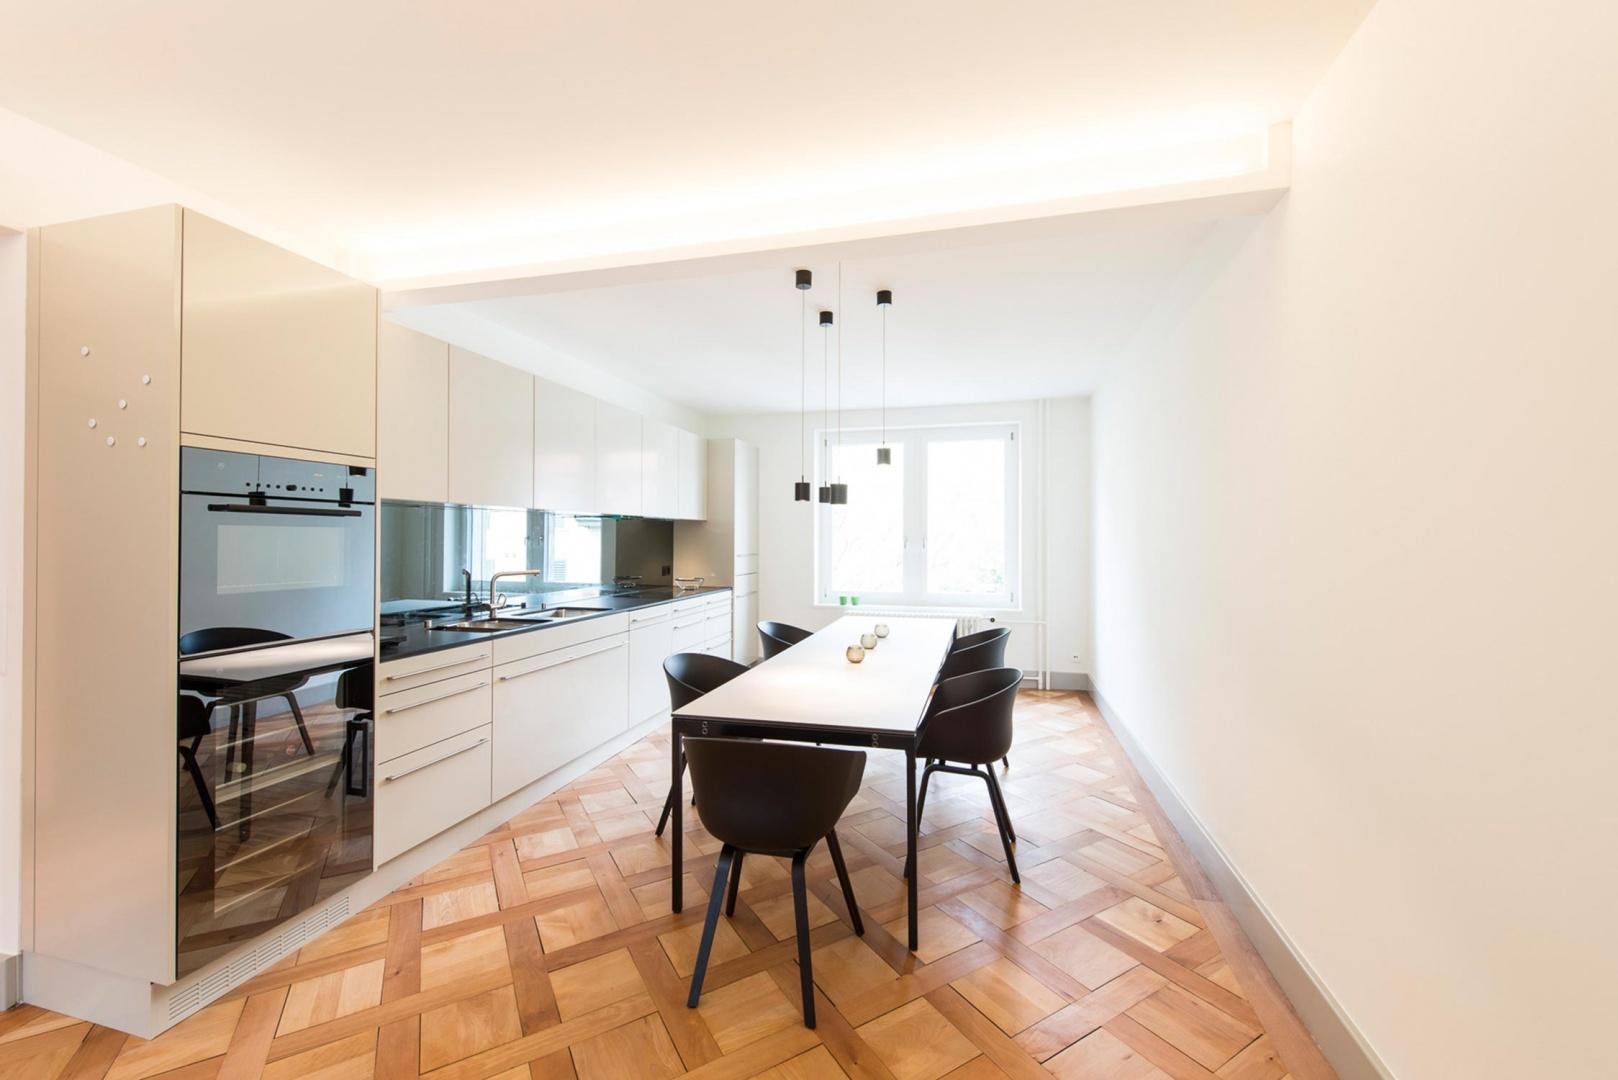 Esstisch mit offener Küchenzeile © Juho Nyberg Architektur GmbH